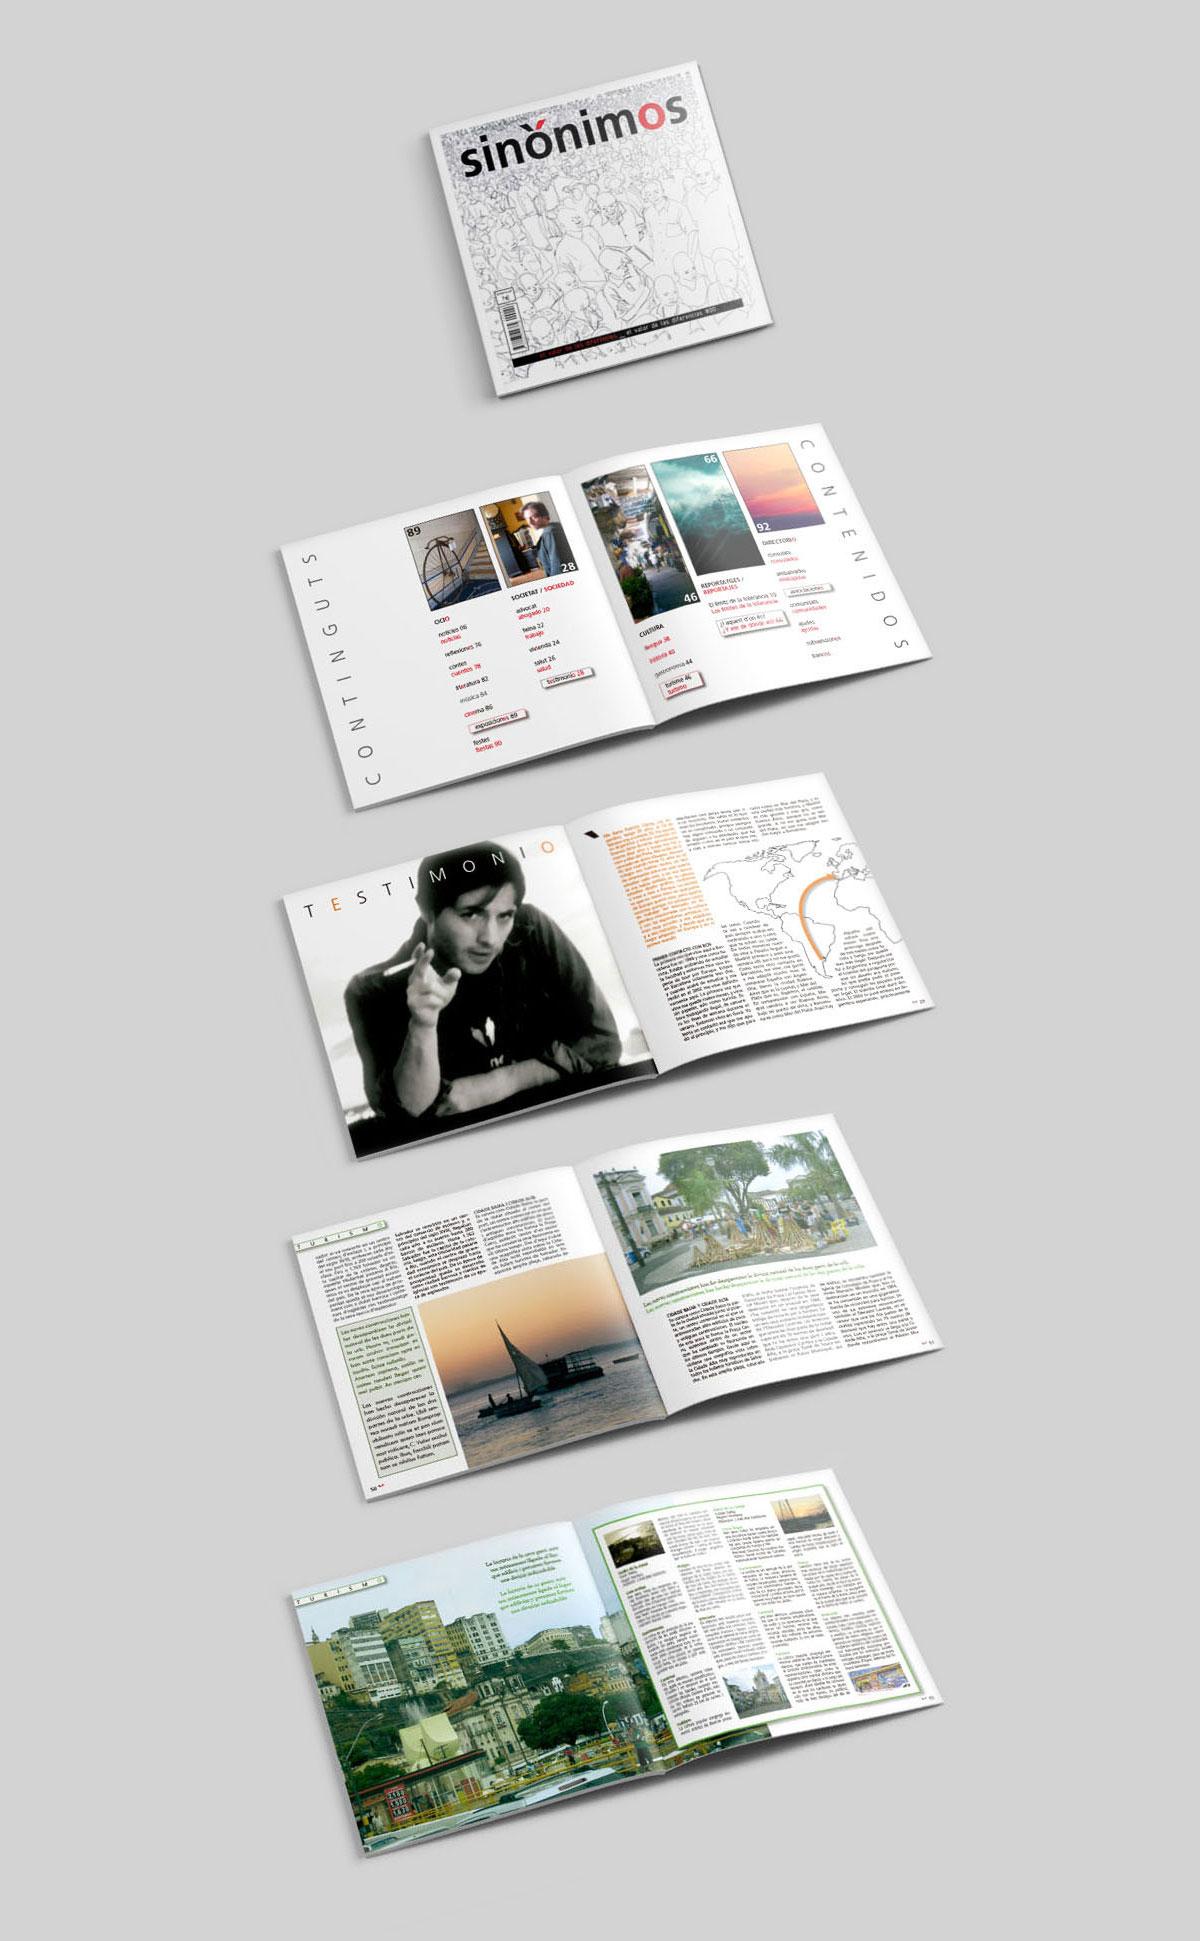 Diseño y maquetación revista sinónimos